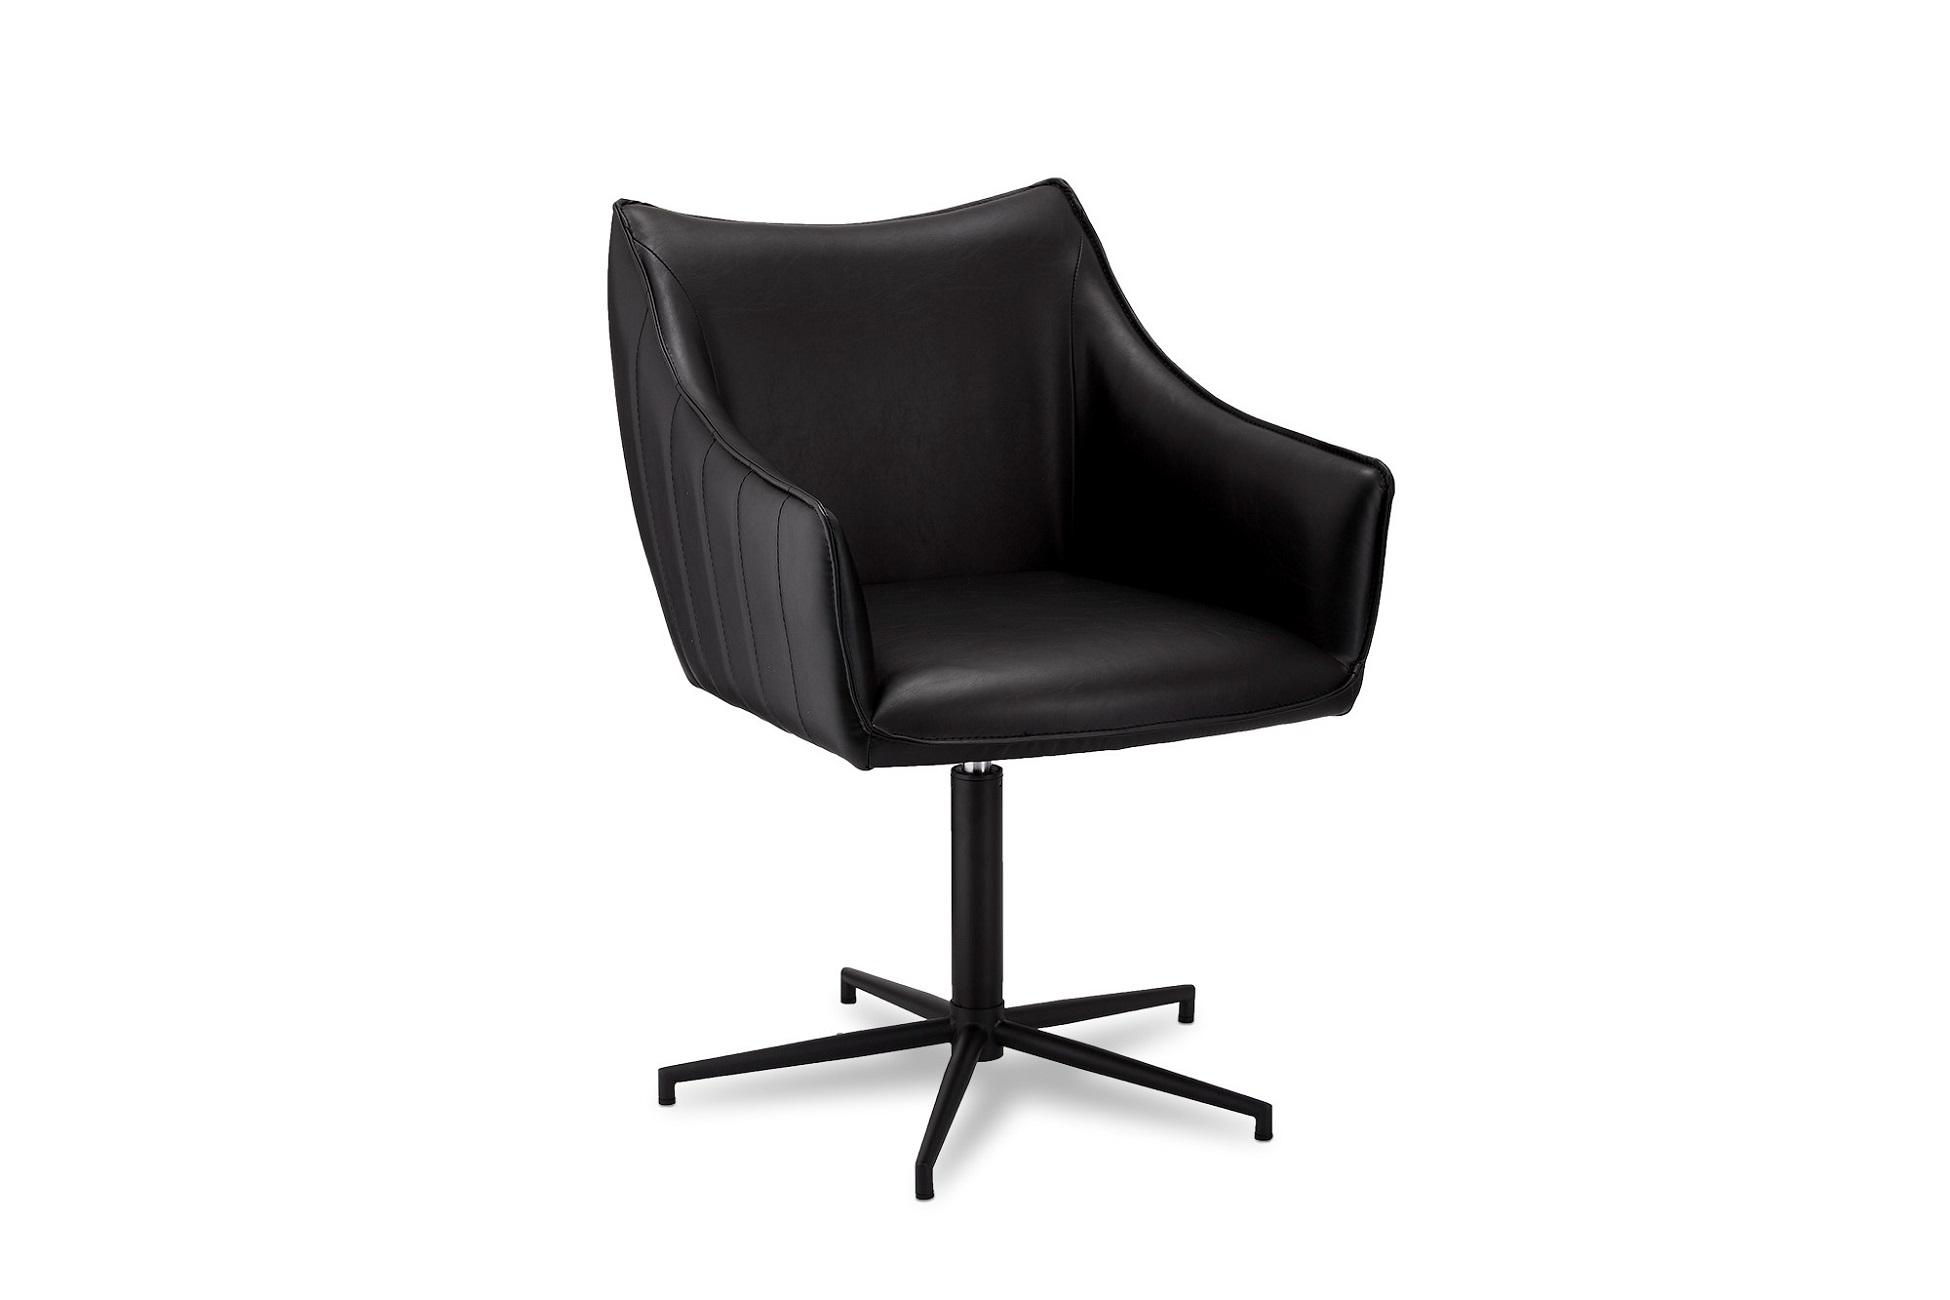 Designové židle Abanito černá